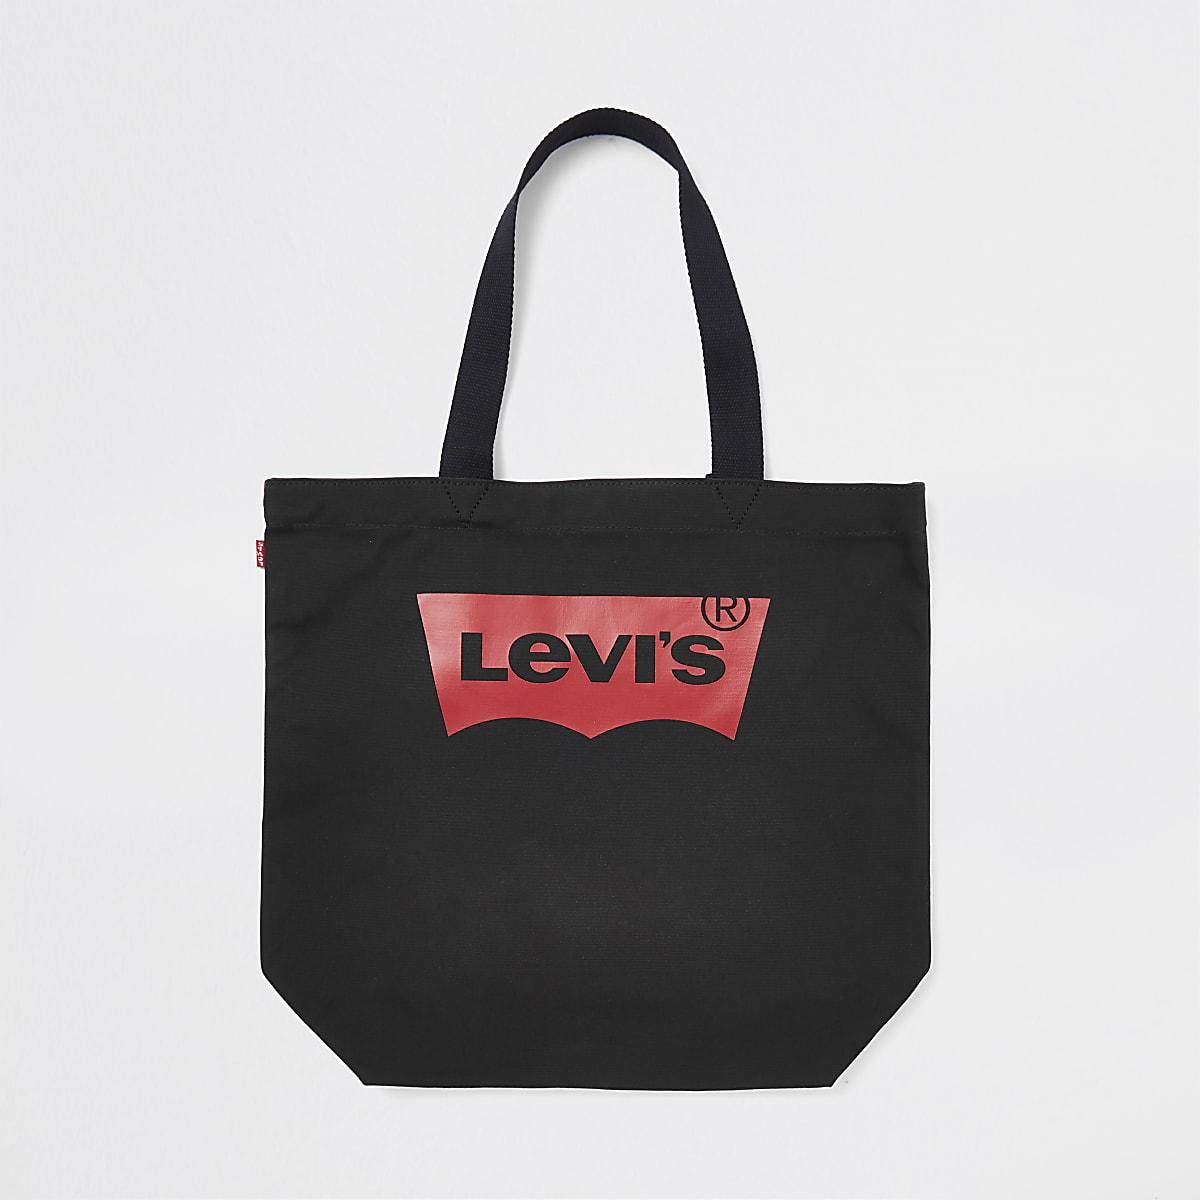 7998e93936b49 Startseite · Herren · Taschen  Levi s – Schwarze Tote Bag. Levi s – Schwarze  Tote Bag Levi s – Schwarze Tote ...